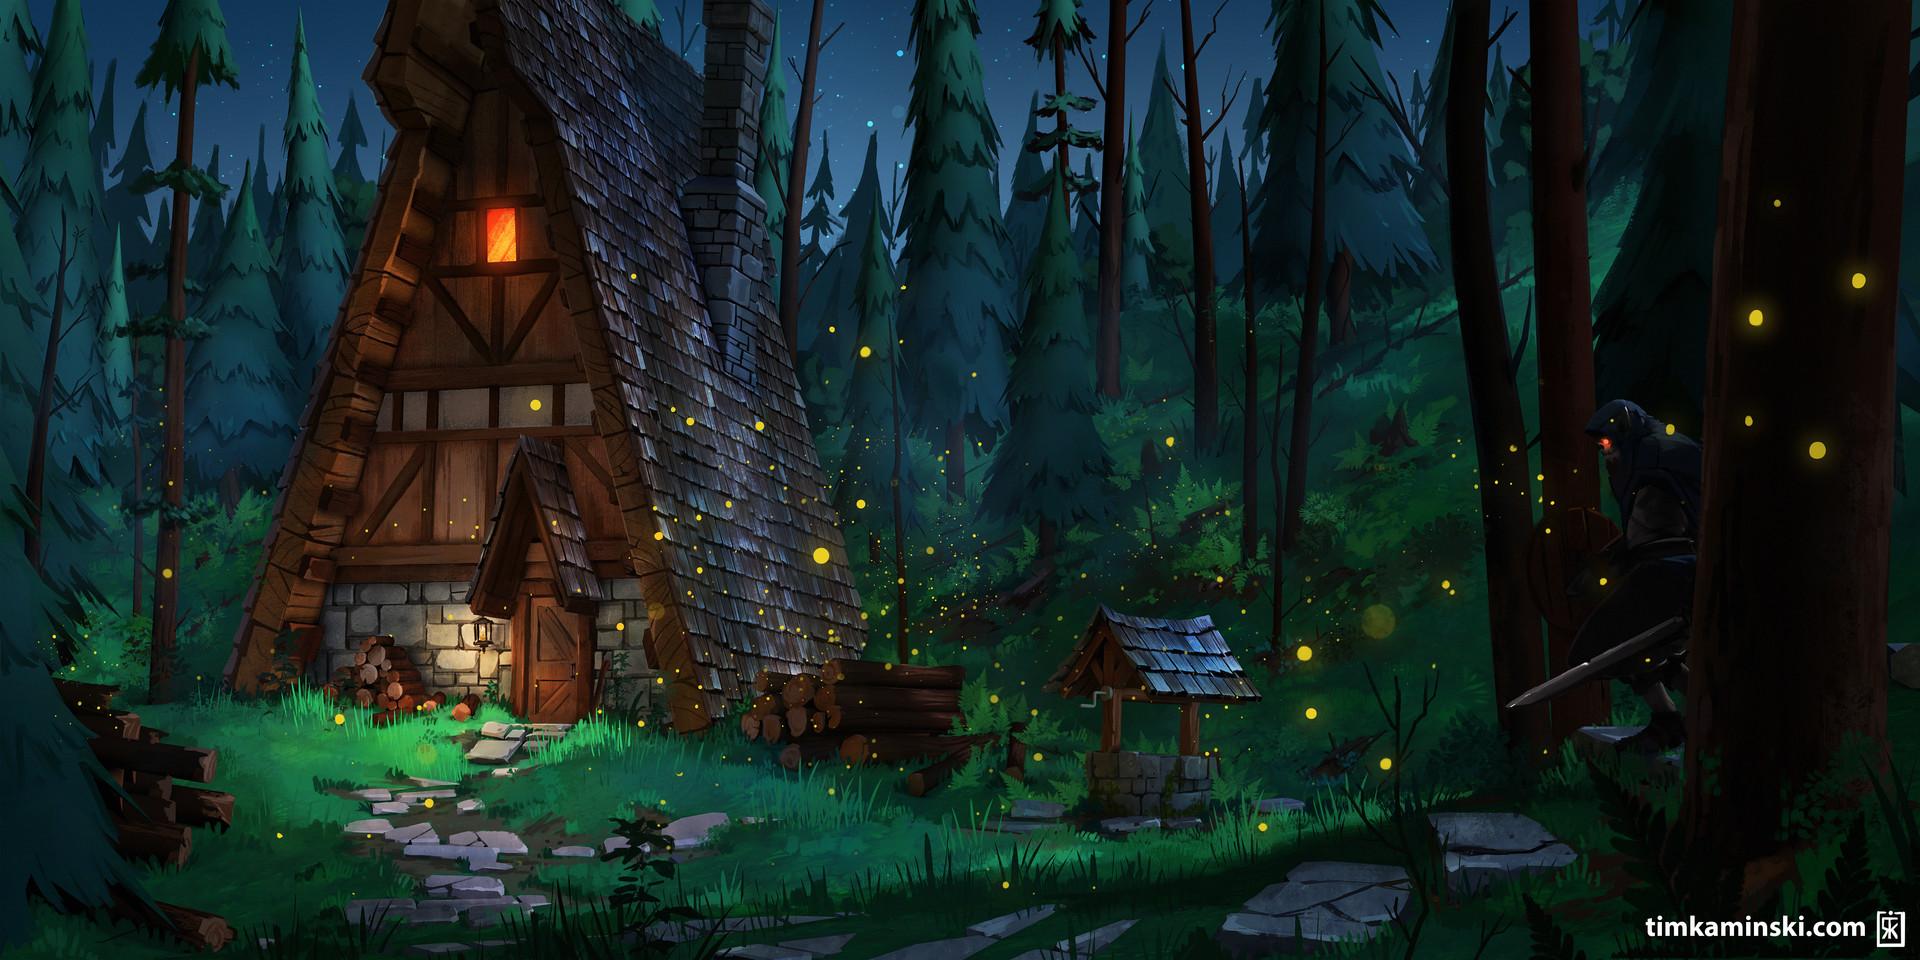 Tim kaminski forest cabin sad